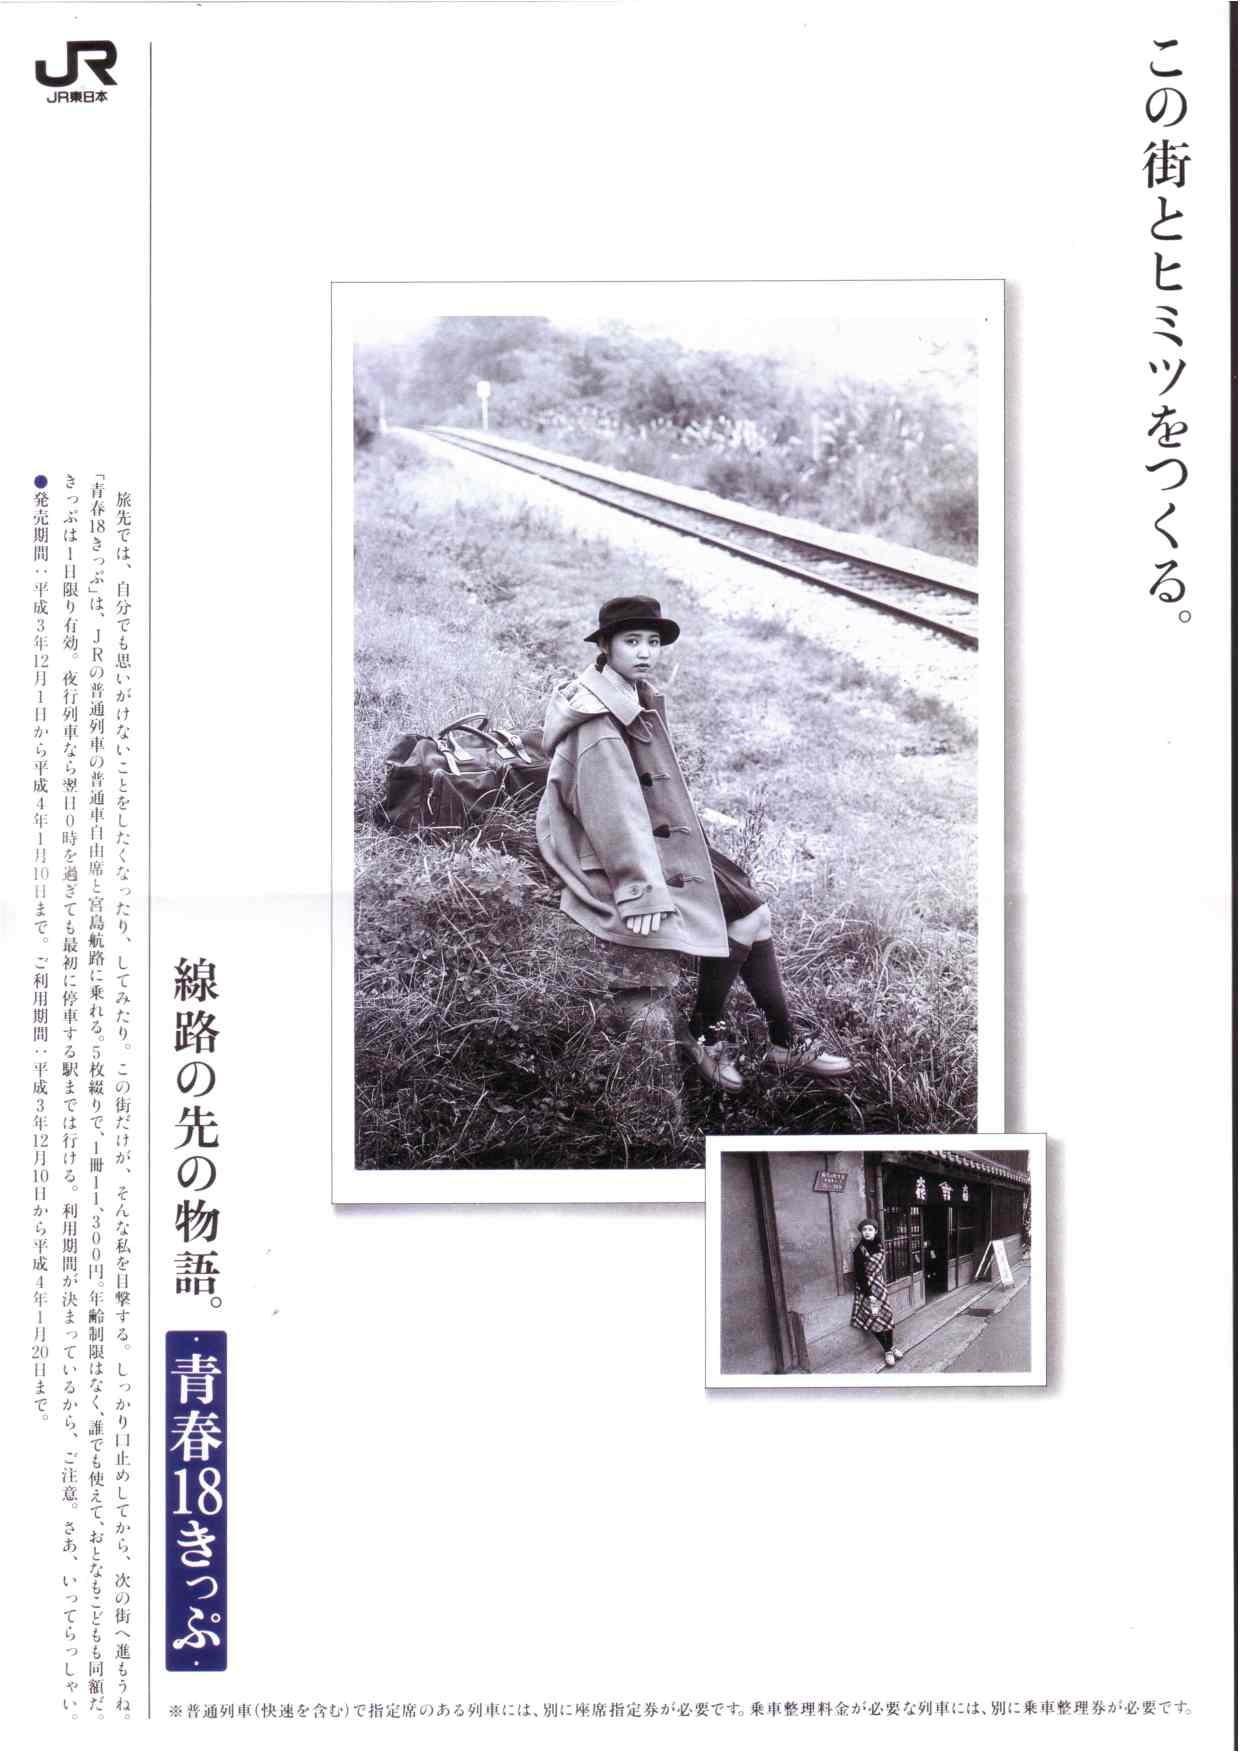 18_51.jpg